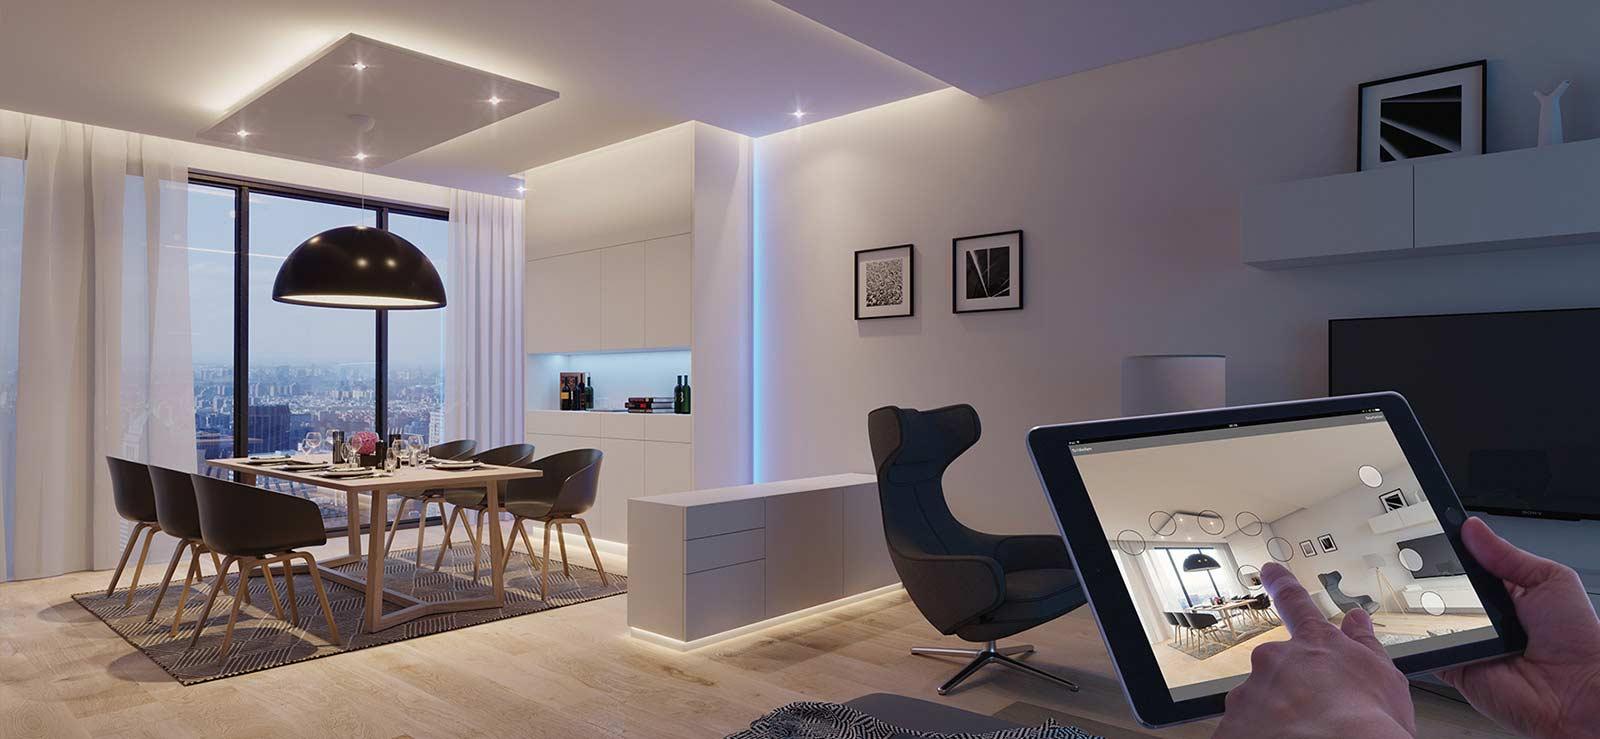 کنترل روشنایی خانه هوشمند لوکسین